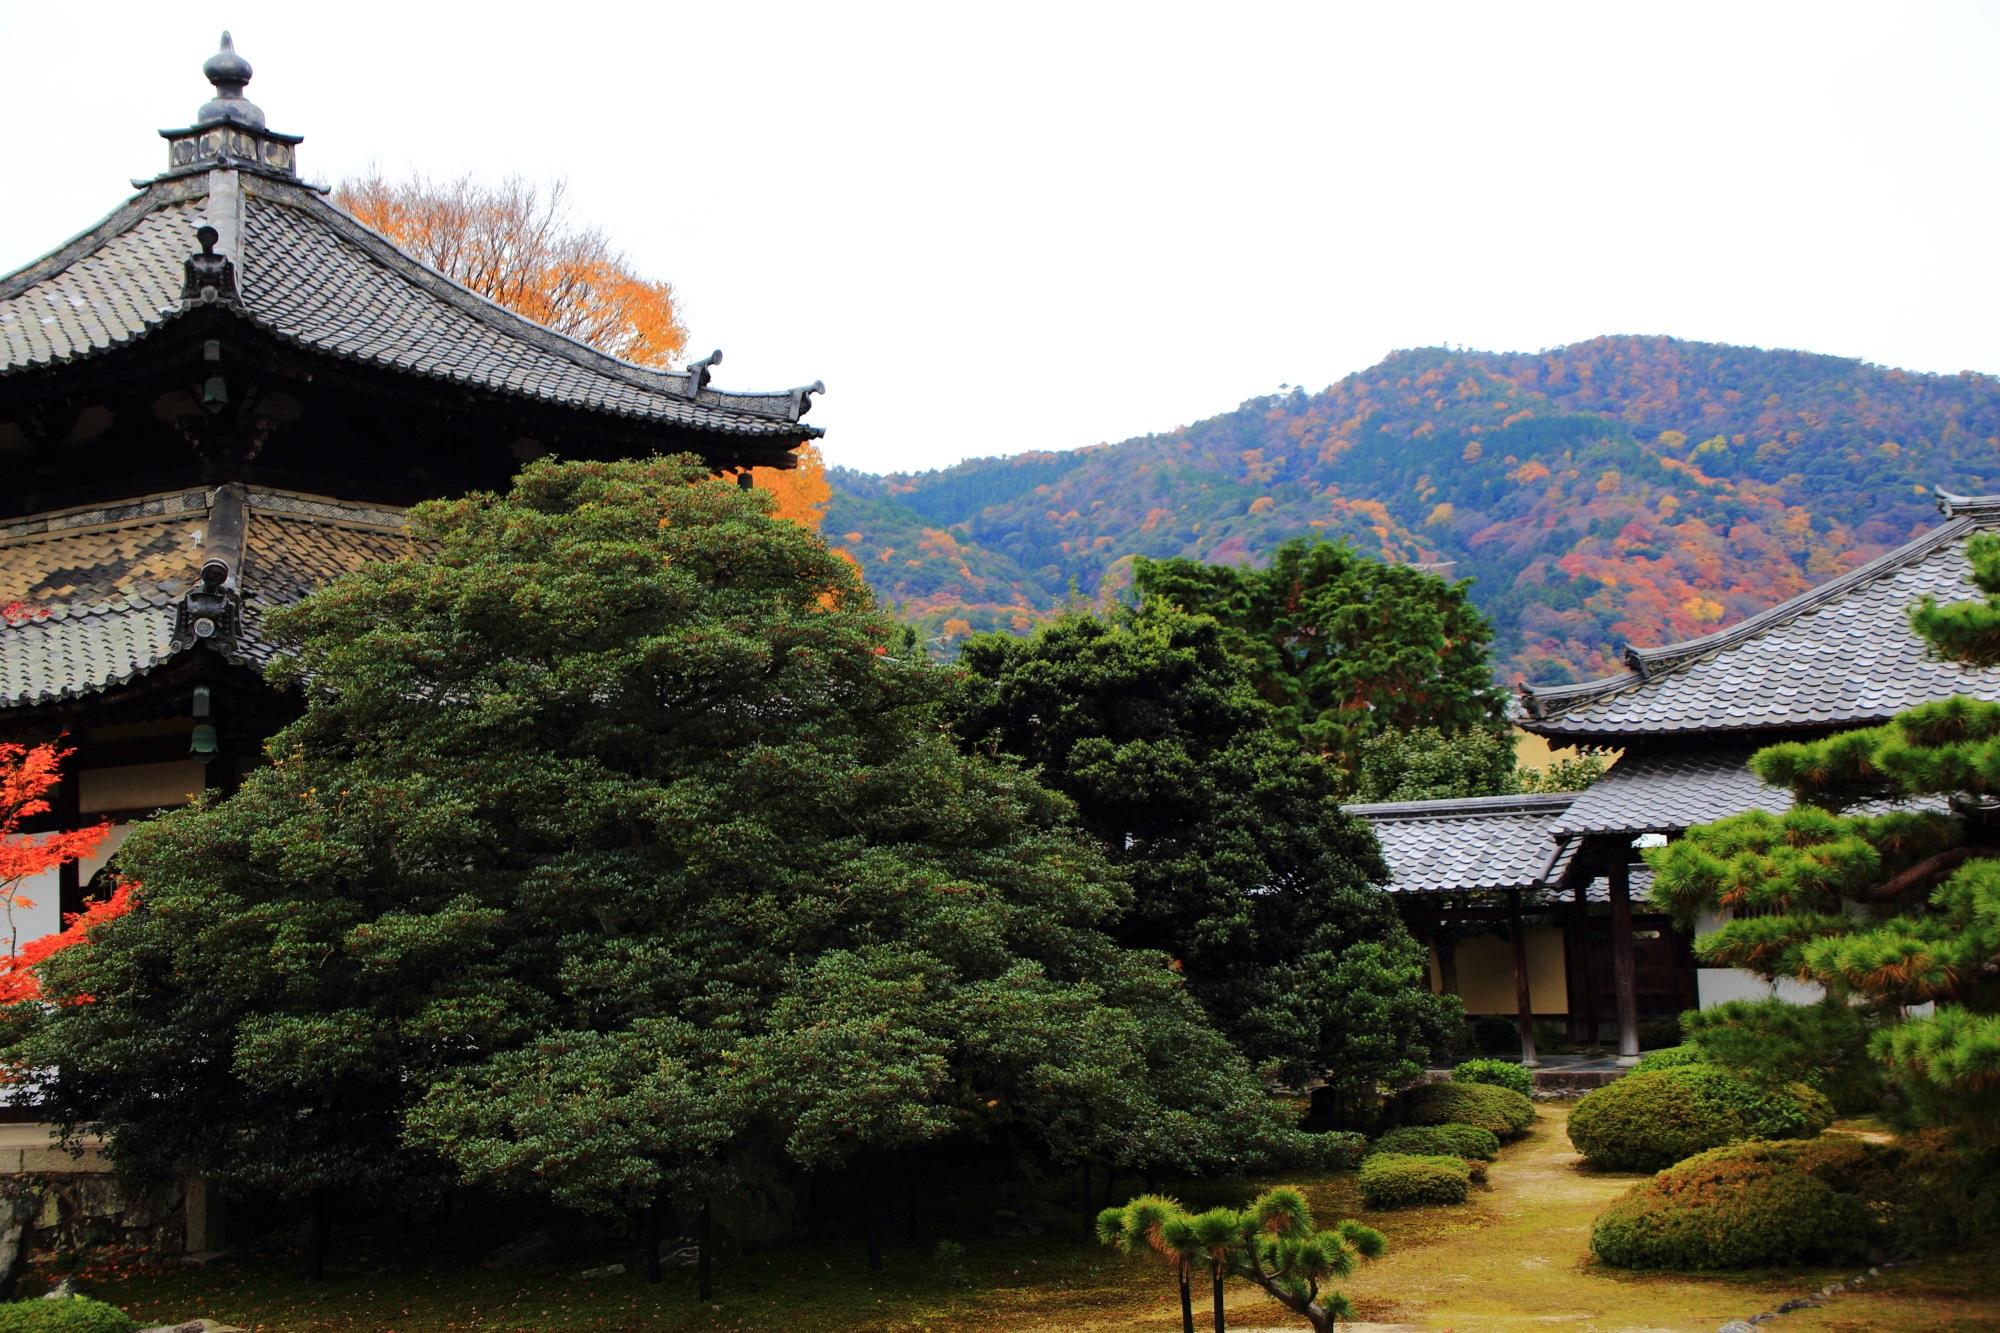 鹿王院の舎利殿と色づいた嵐山